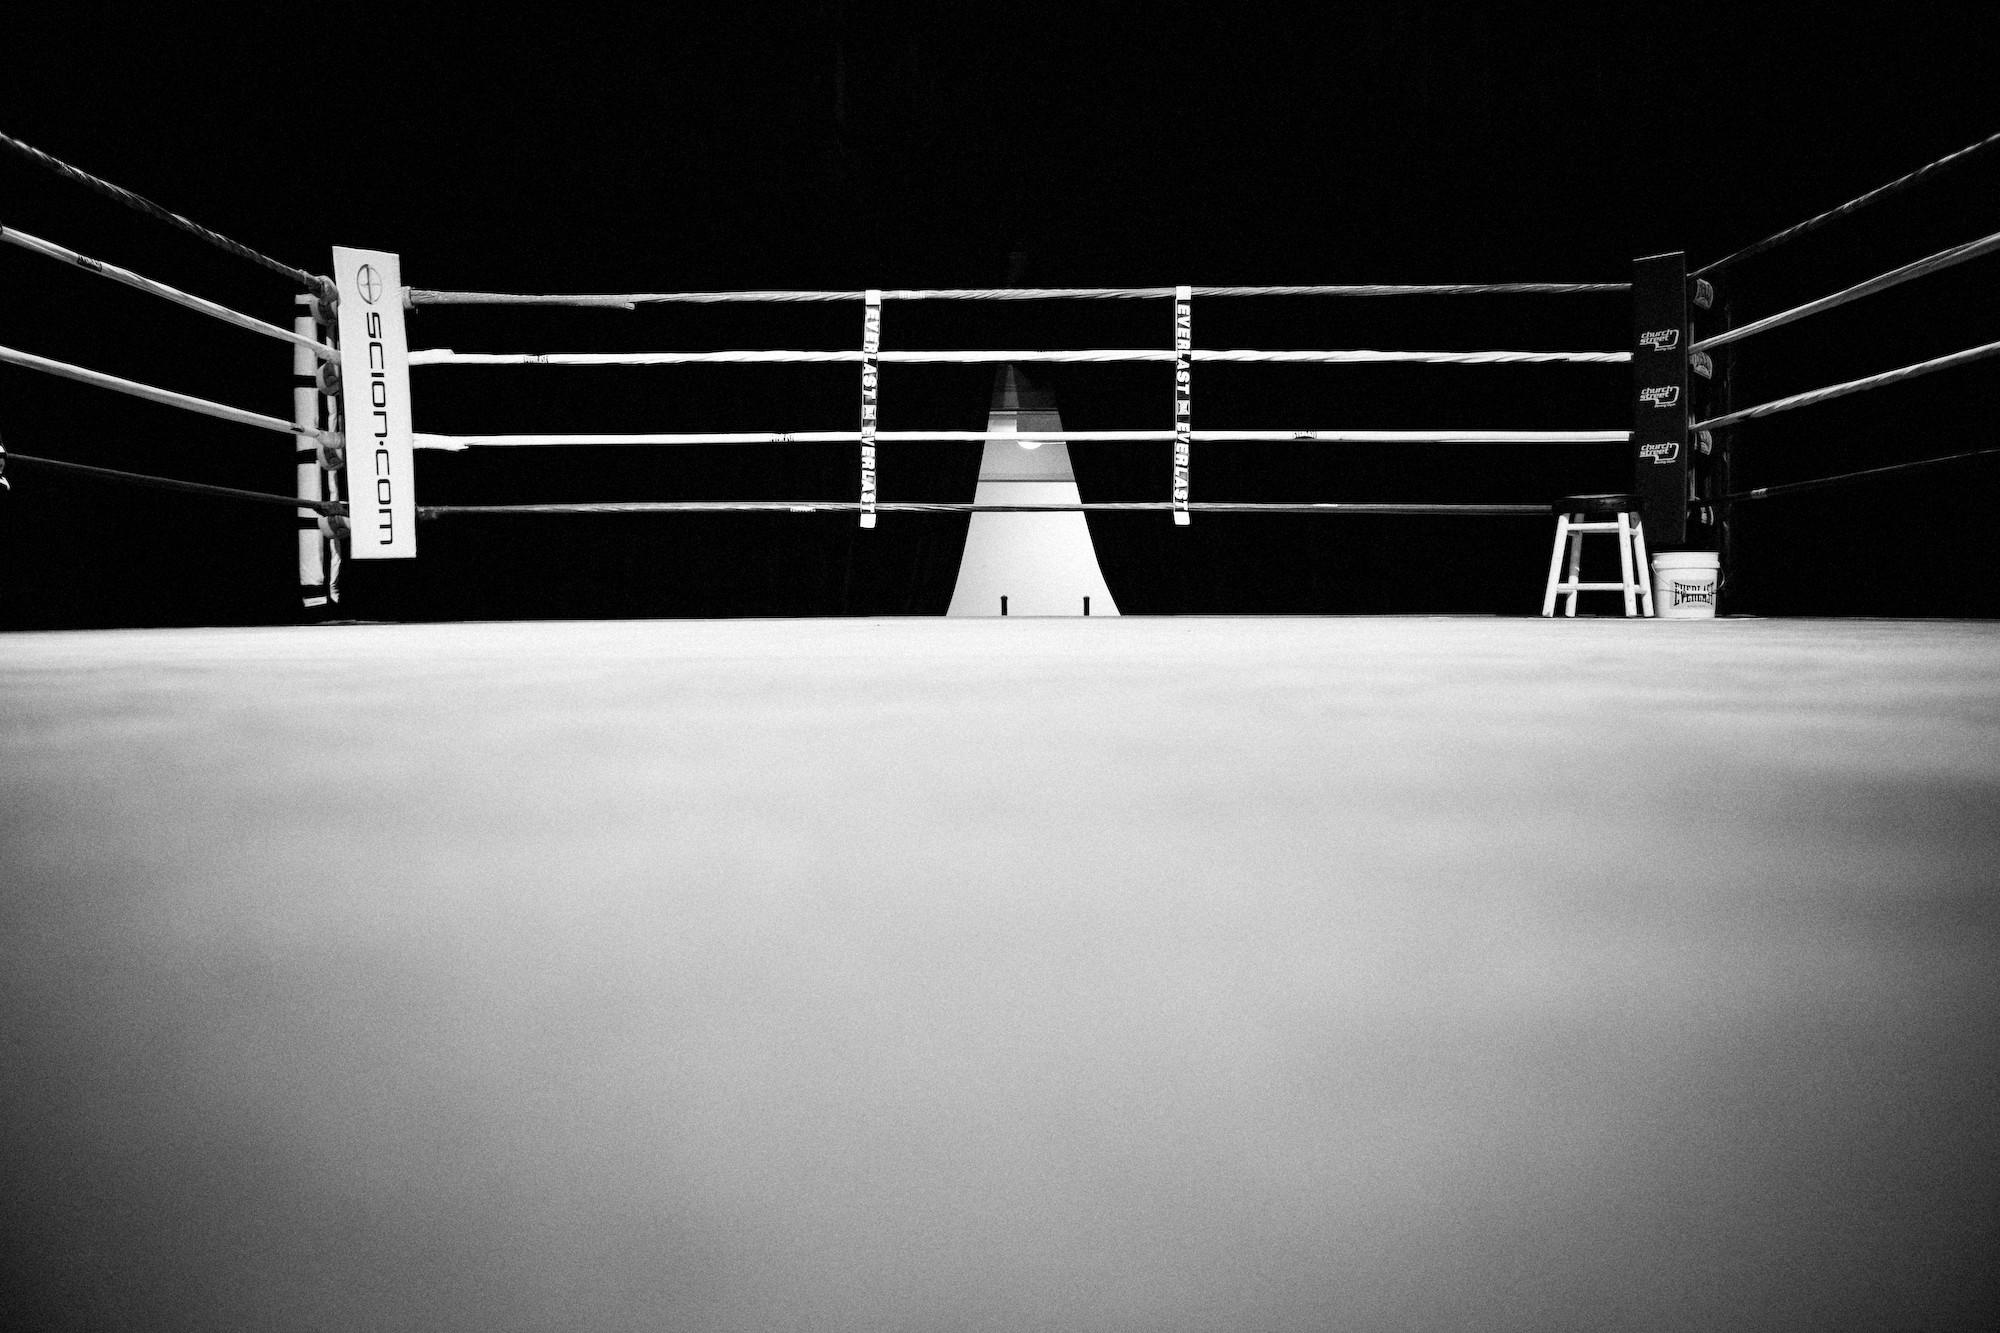 Fighting Ring Box